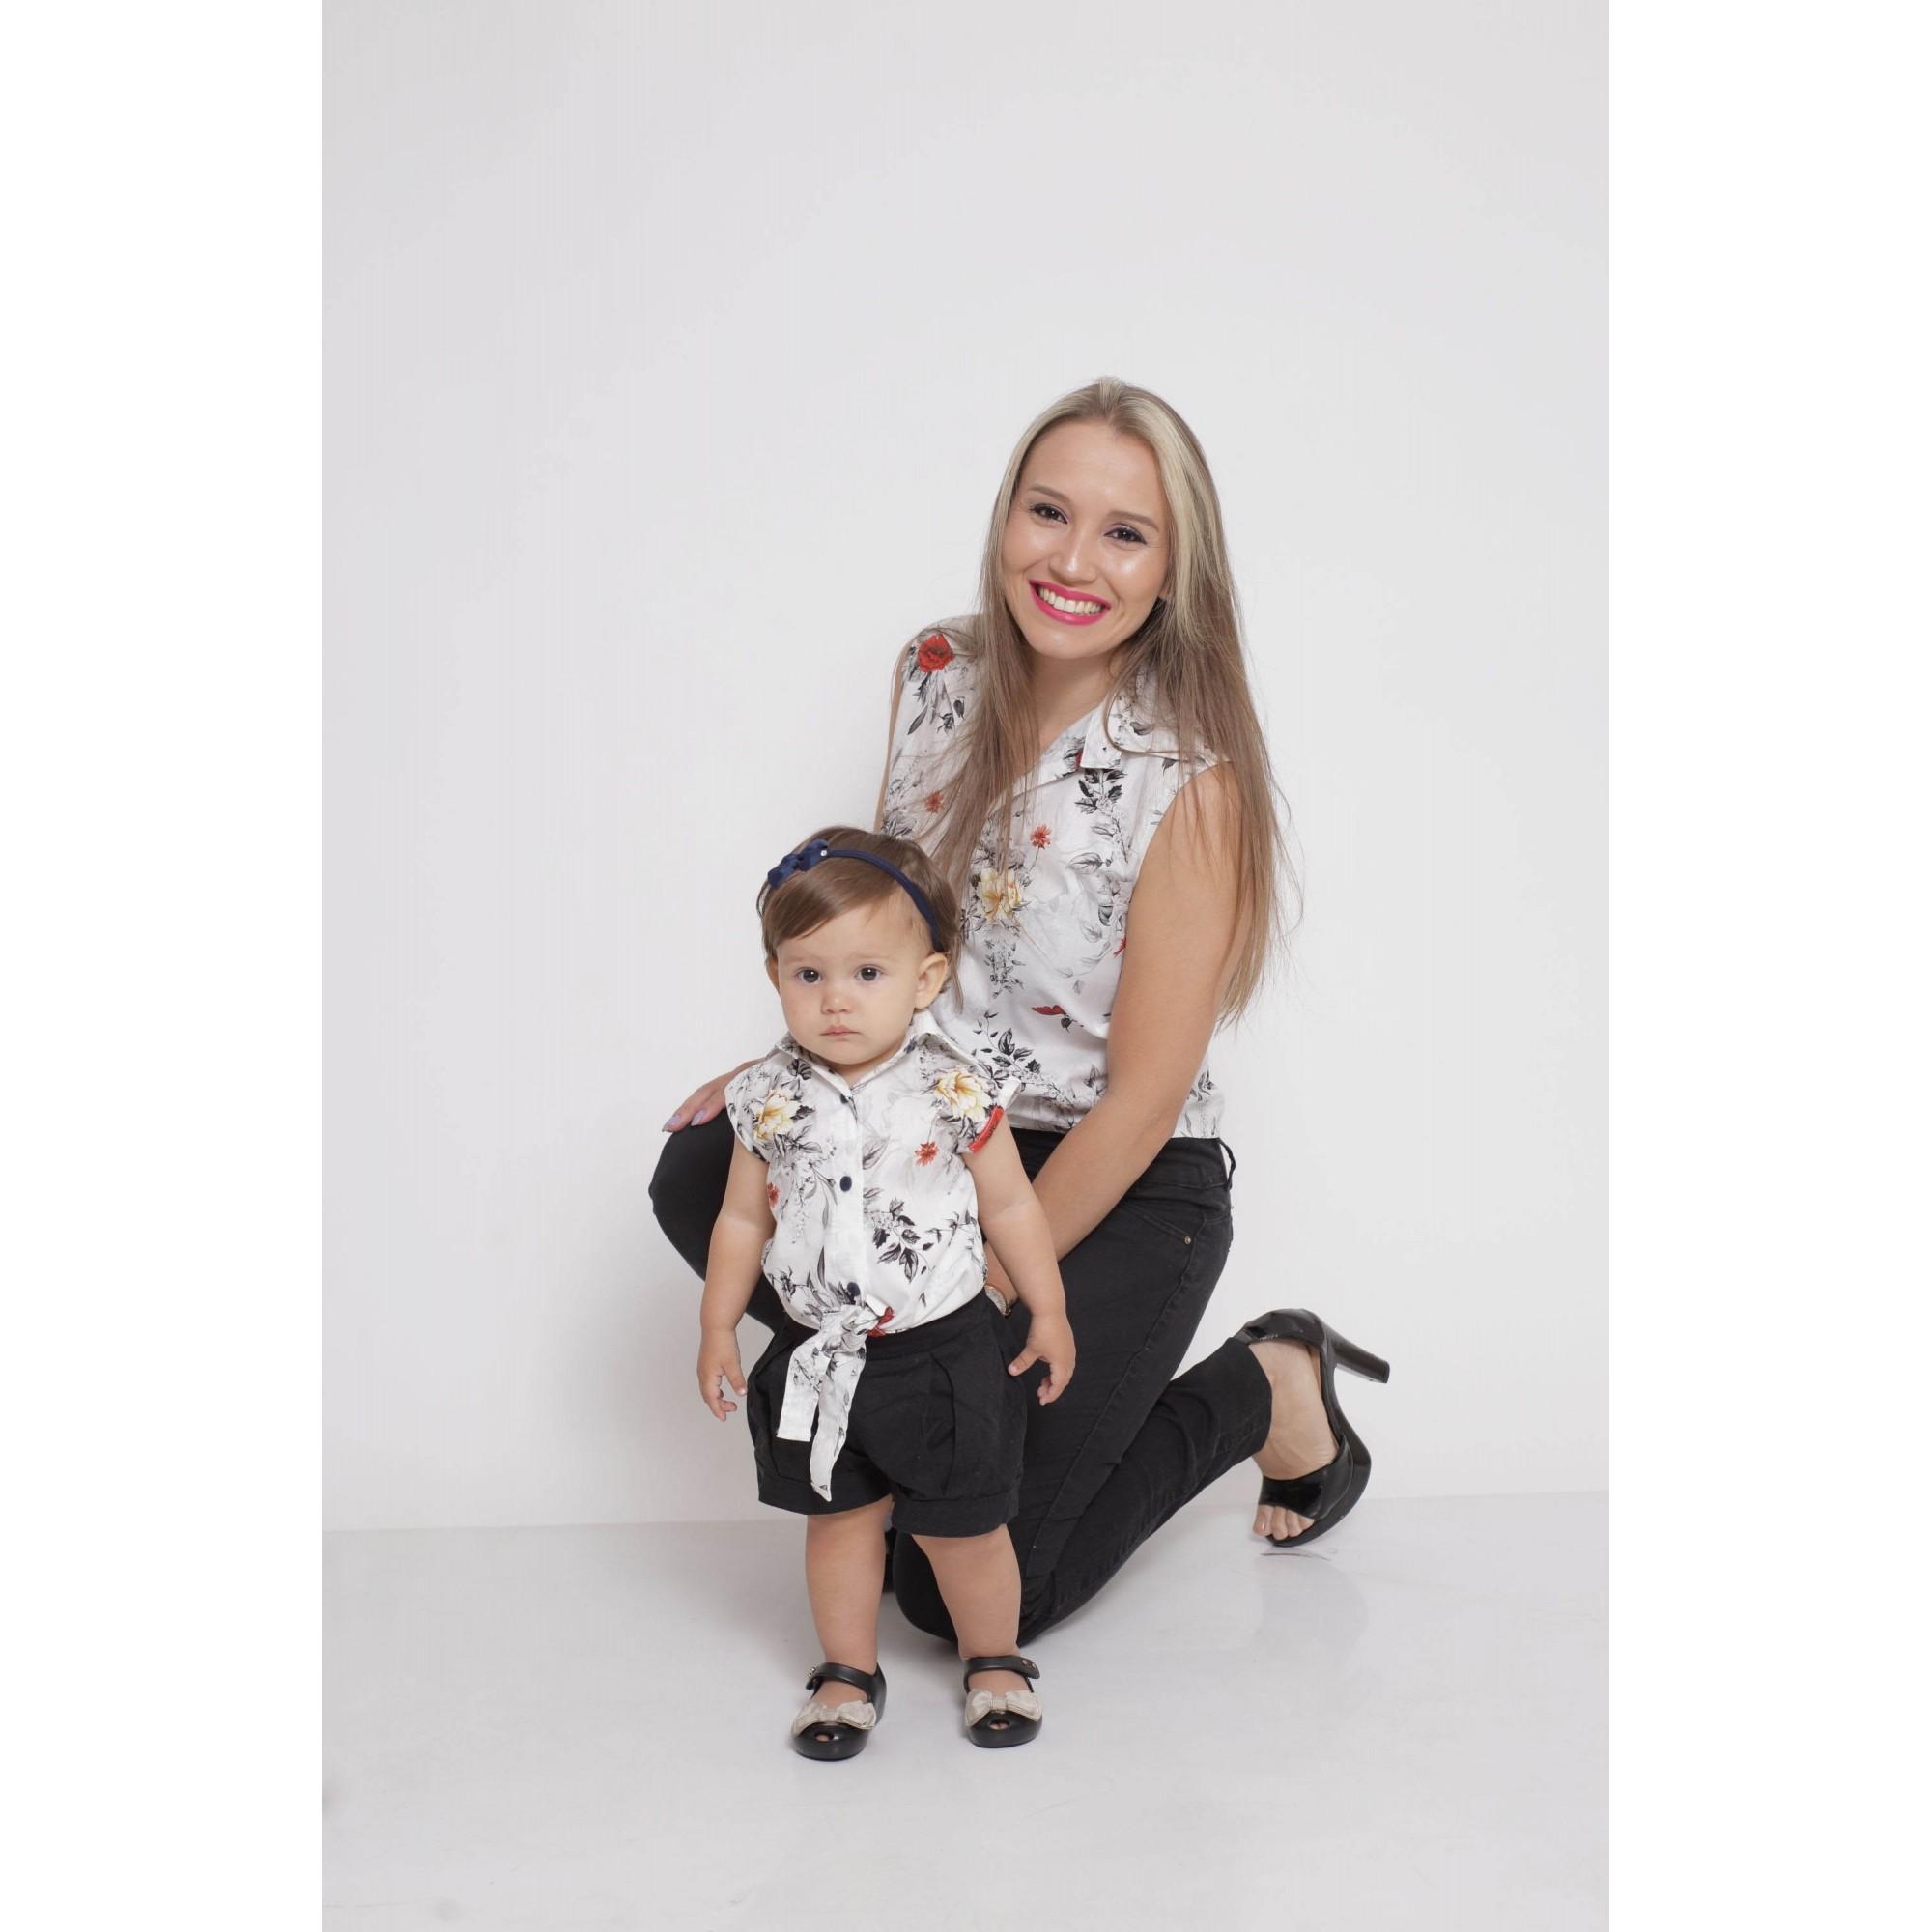 MÃE E FILHA > Kit 02 Camisas Social - Adulto e Infantil Branca Floral [Coleção Tal Mãe Tal Filha]